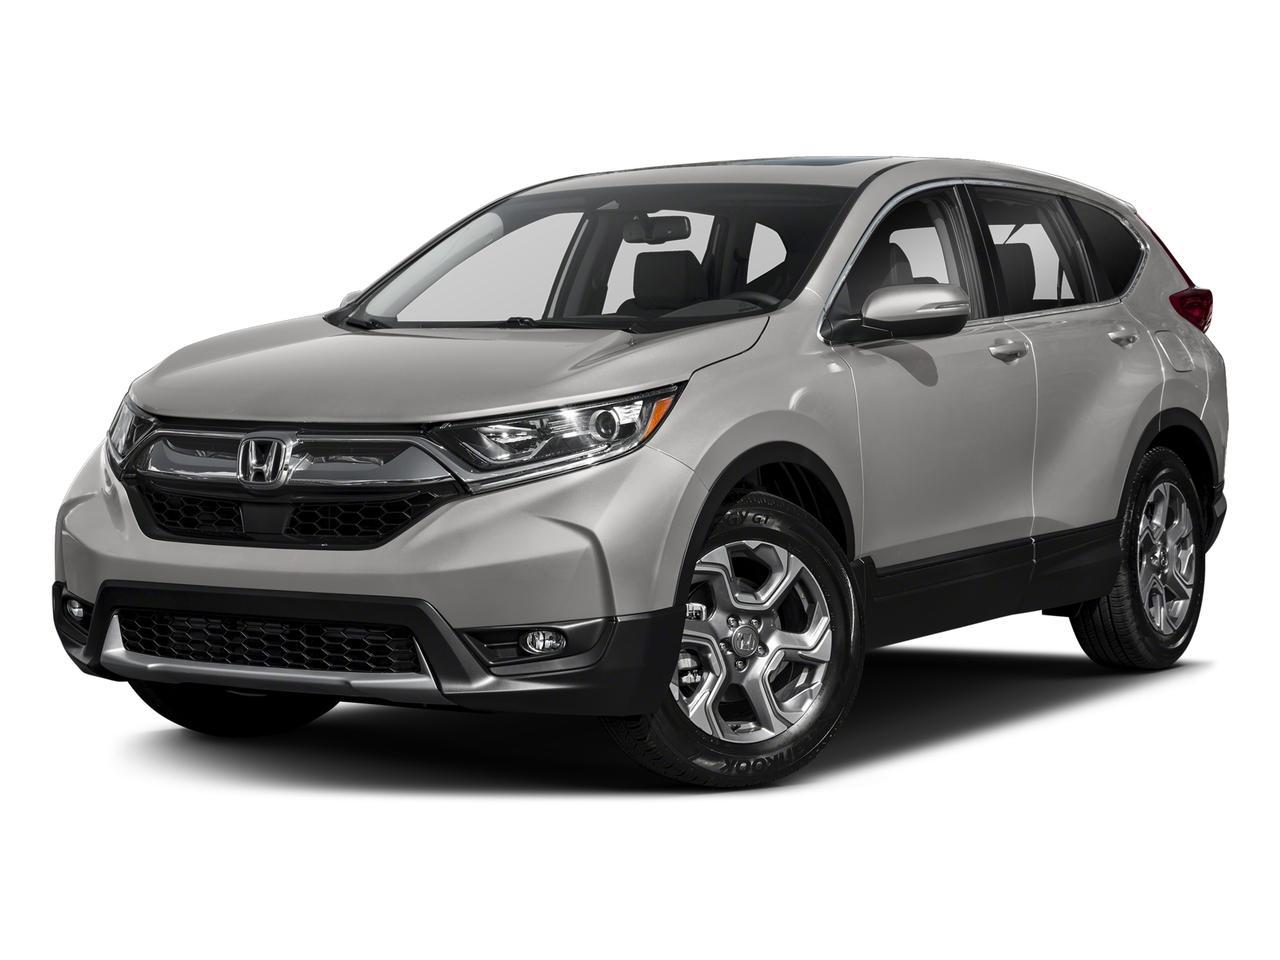 2018 Honda CR-V Vehicle Photo in Owensboro, KY 42303